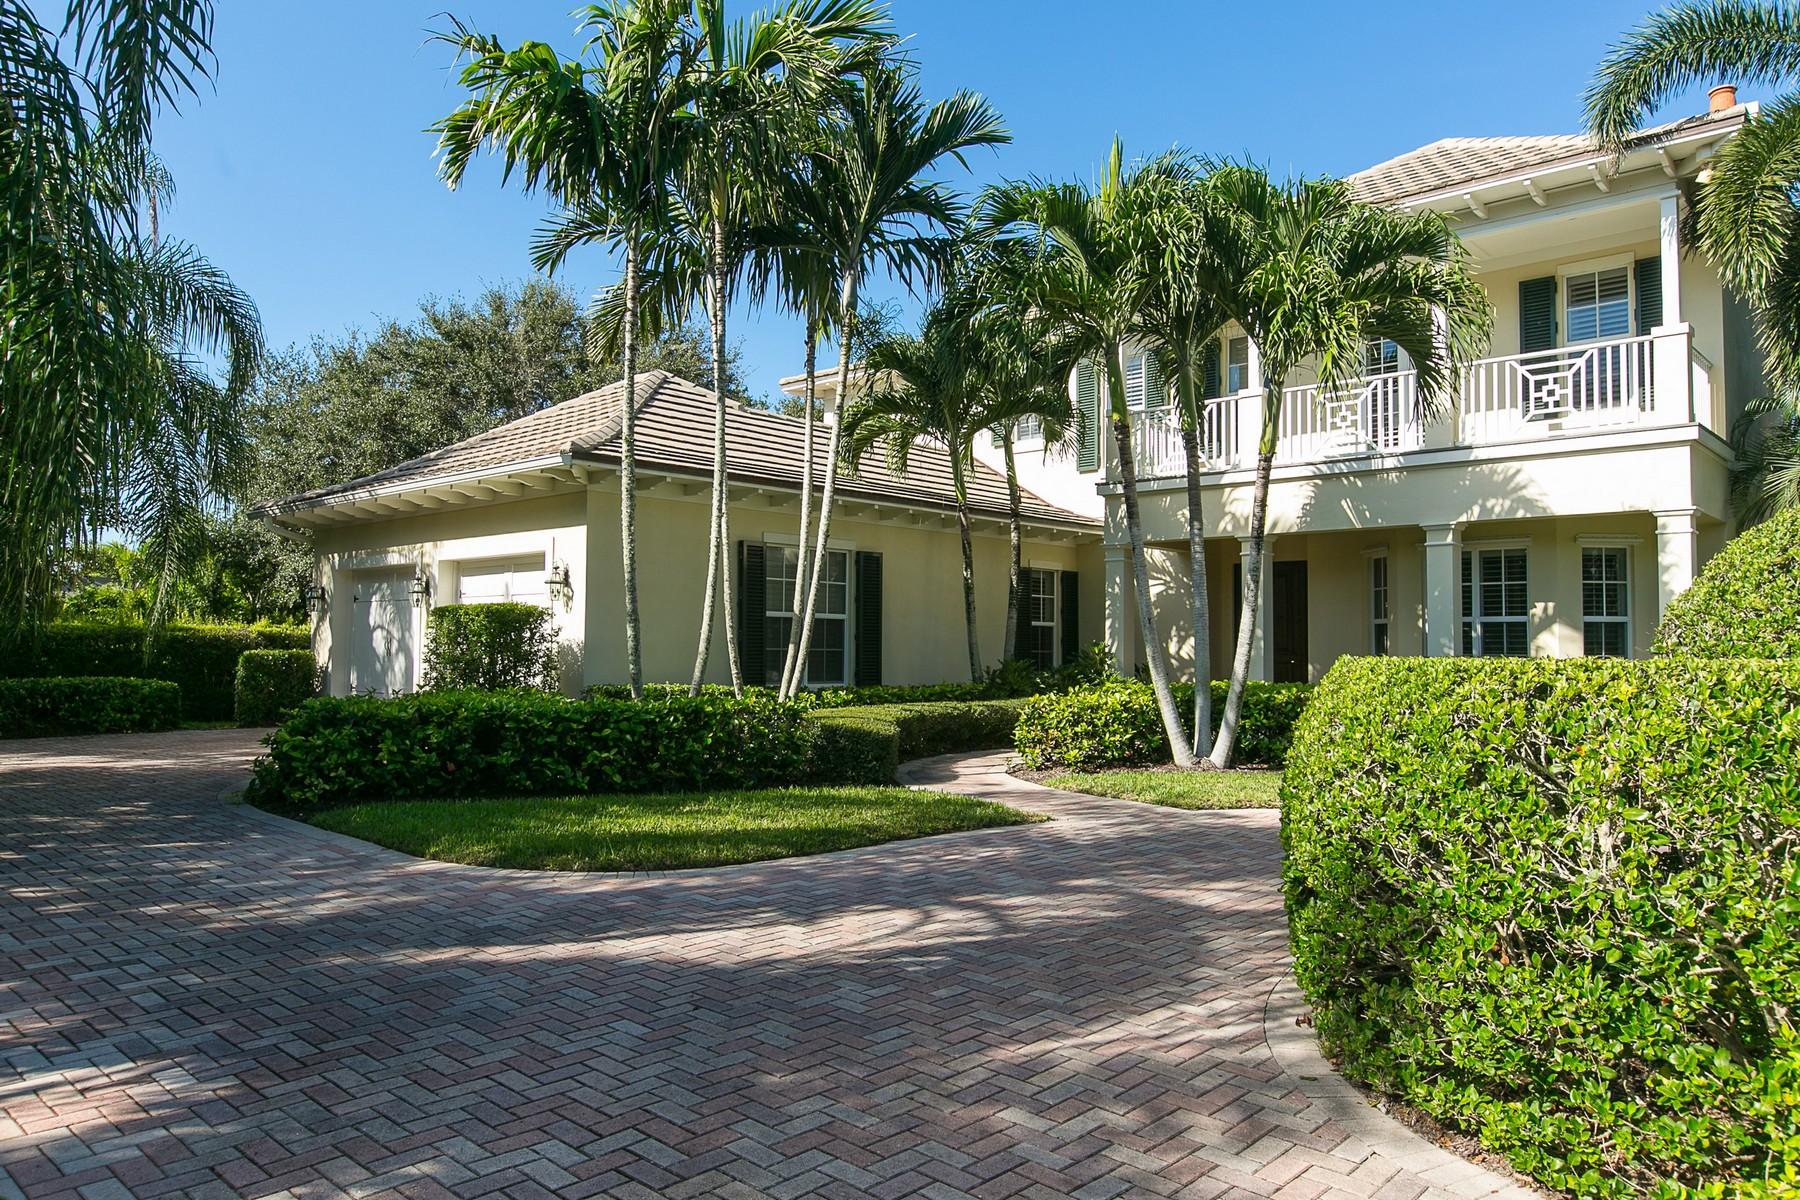 Villa per Vendita alle ore Luxurious home in Palm Isle Plantation 212 Coconut Creek Court Indian River Shores, Florida, 32963 Stati Uniti